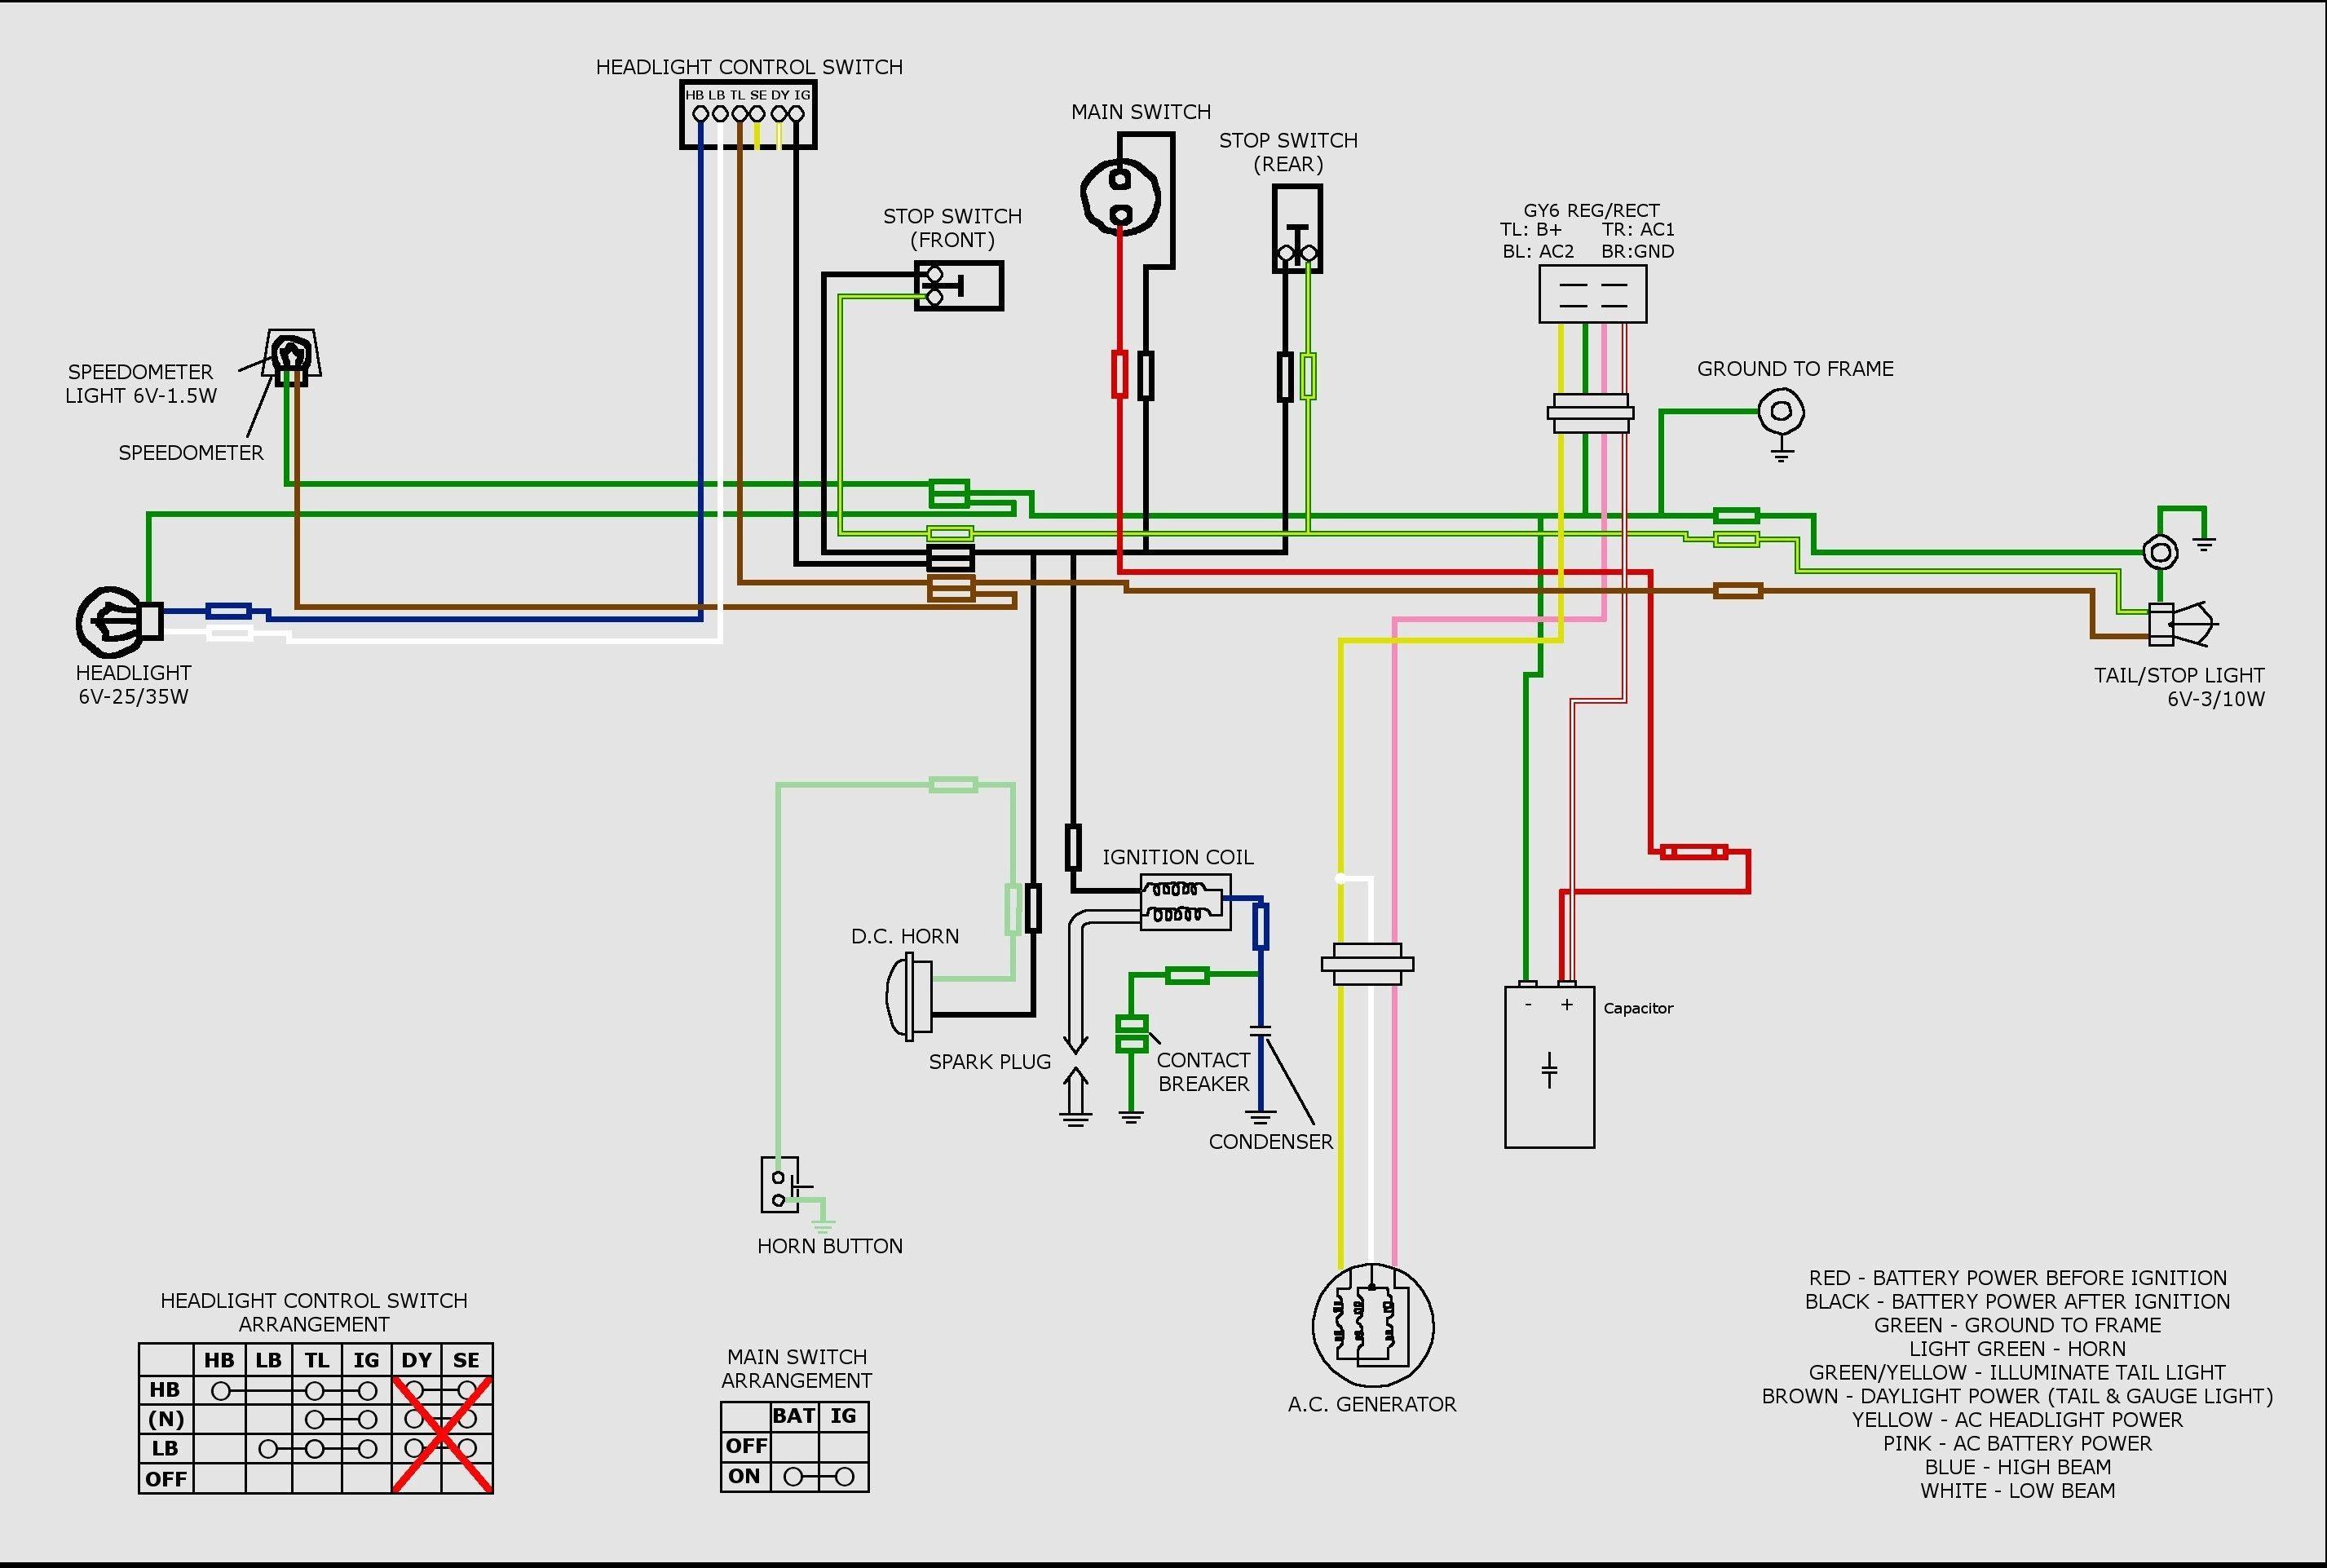 1988 Suzuki Samurai Alternator Wiring D85ff7e Wiring Diagram for 50 Cc Of 1988 Suzuki Samurai Alternator Wiring